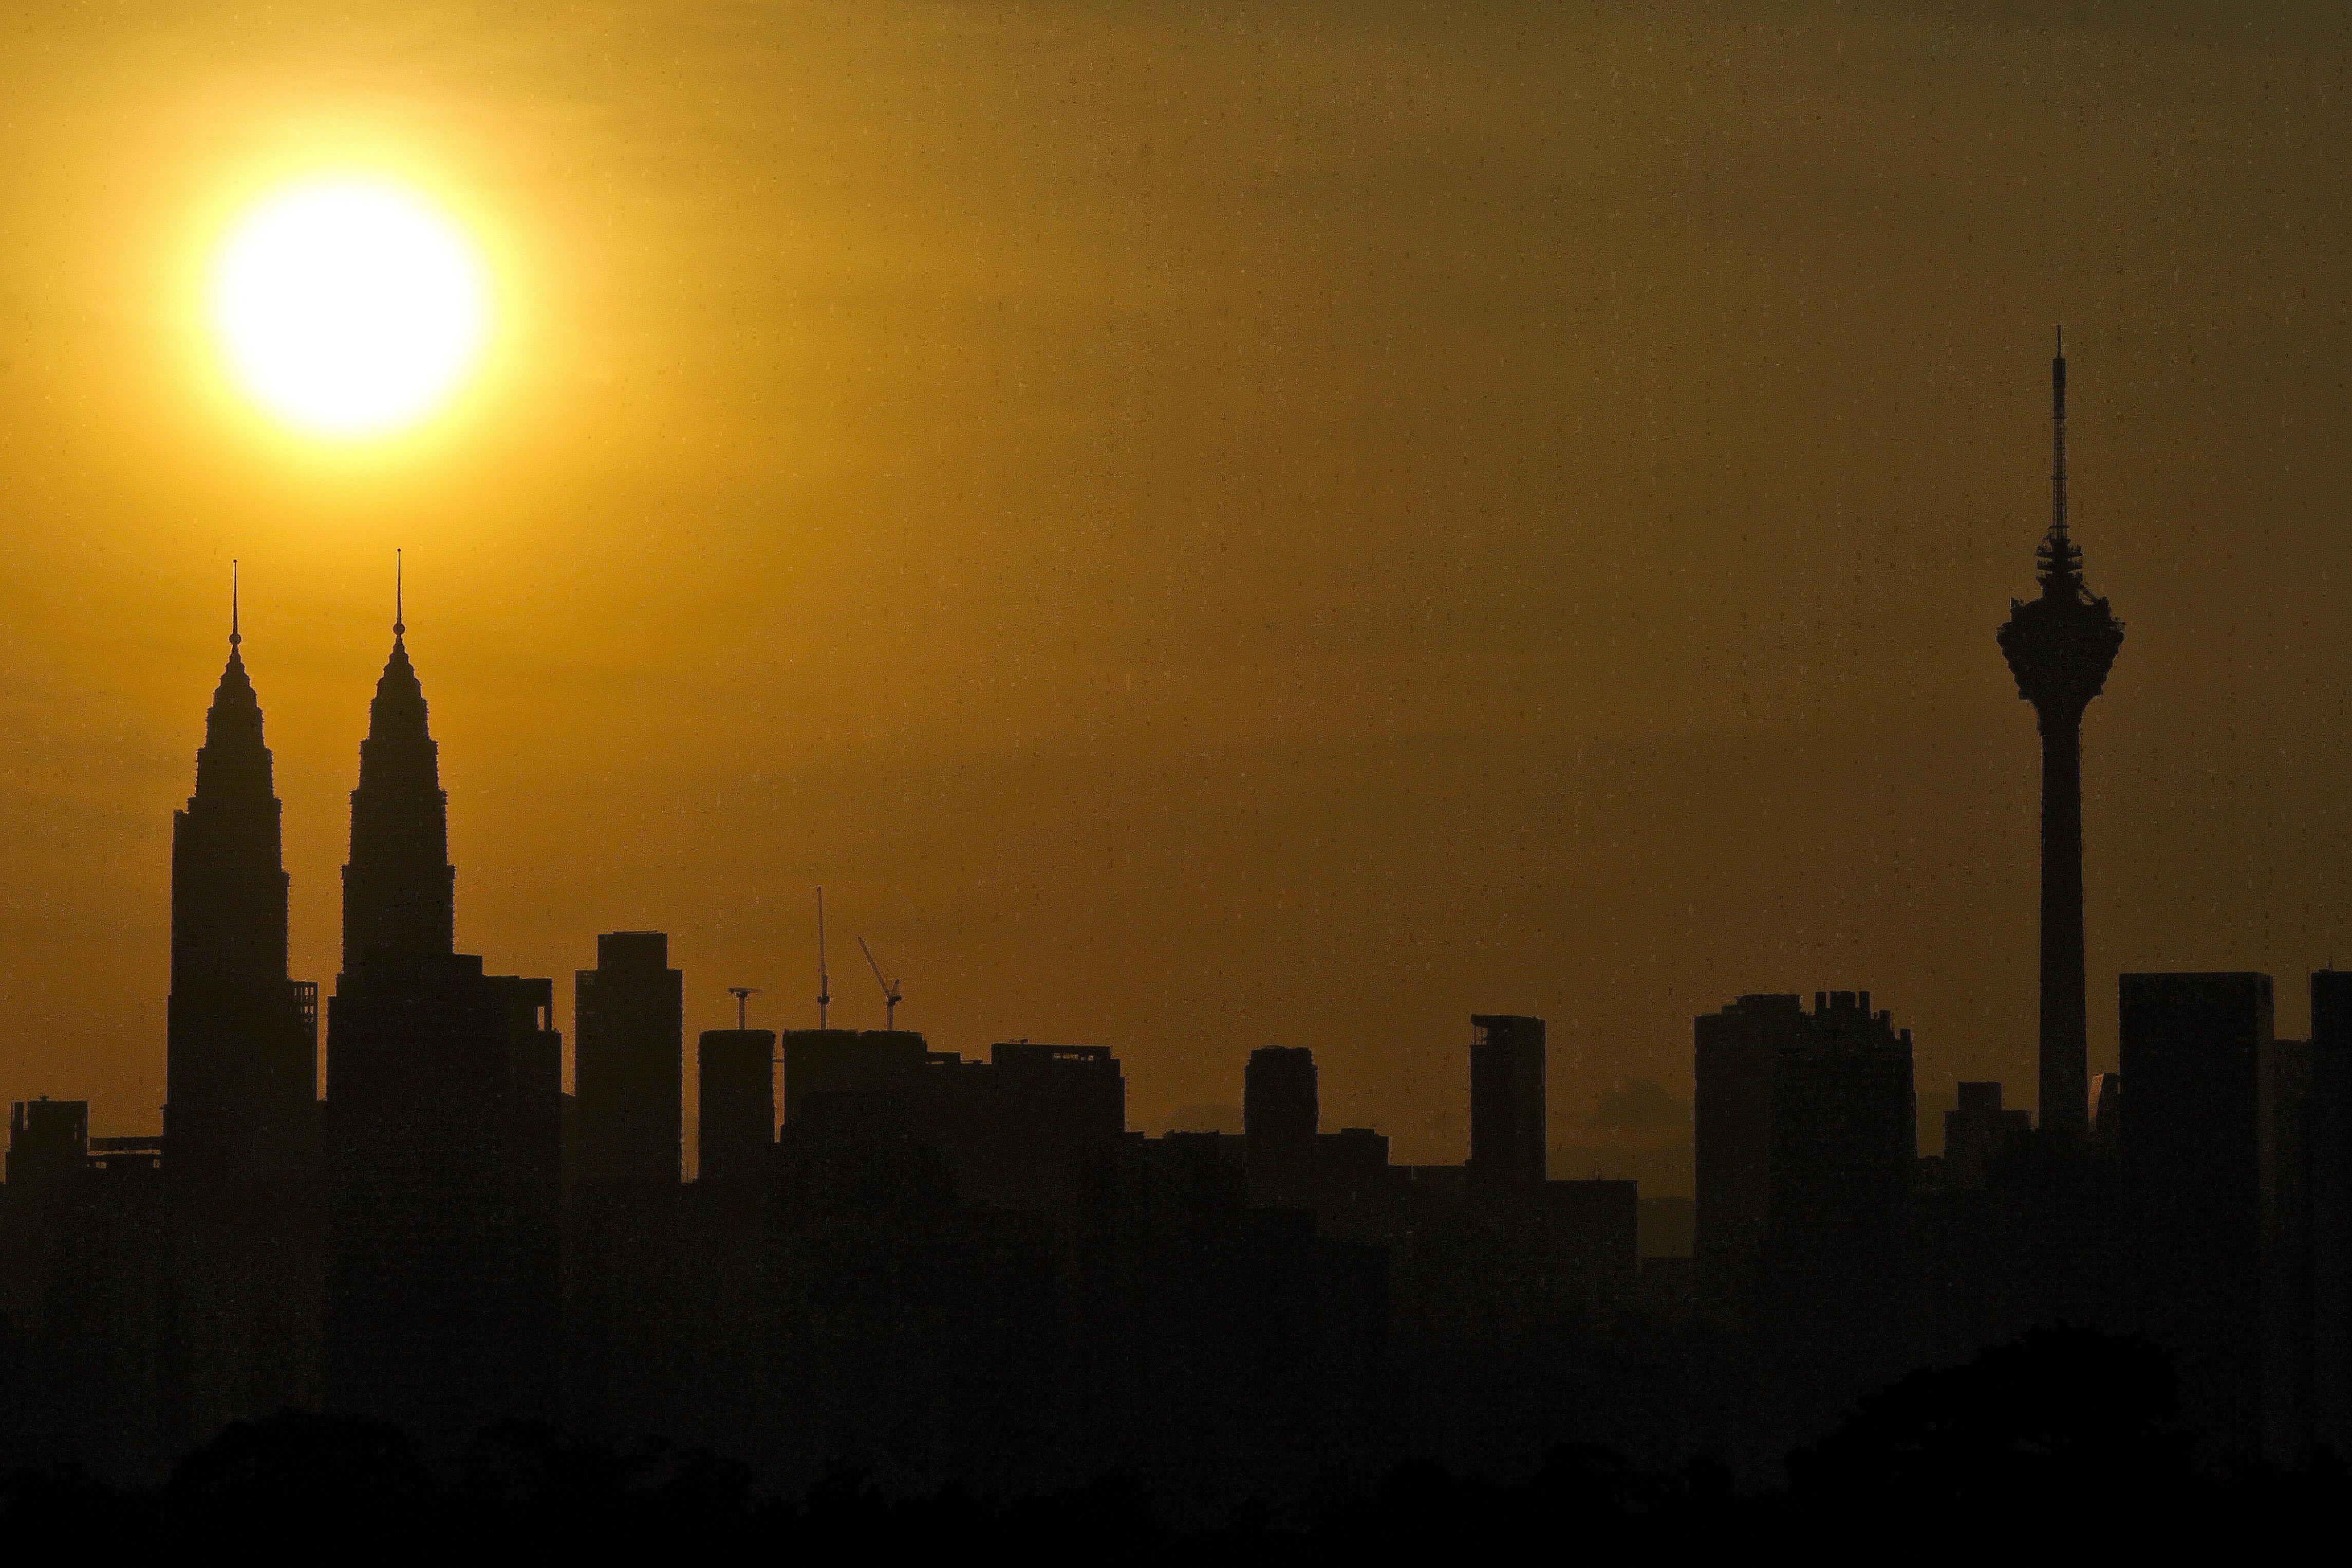 Matahari terbit di atas lanskap kota (©Sadiq Asyraf/AP Images)